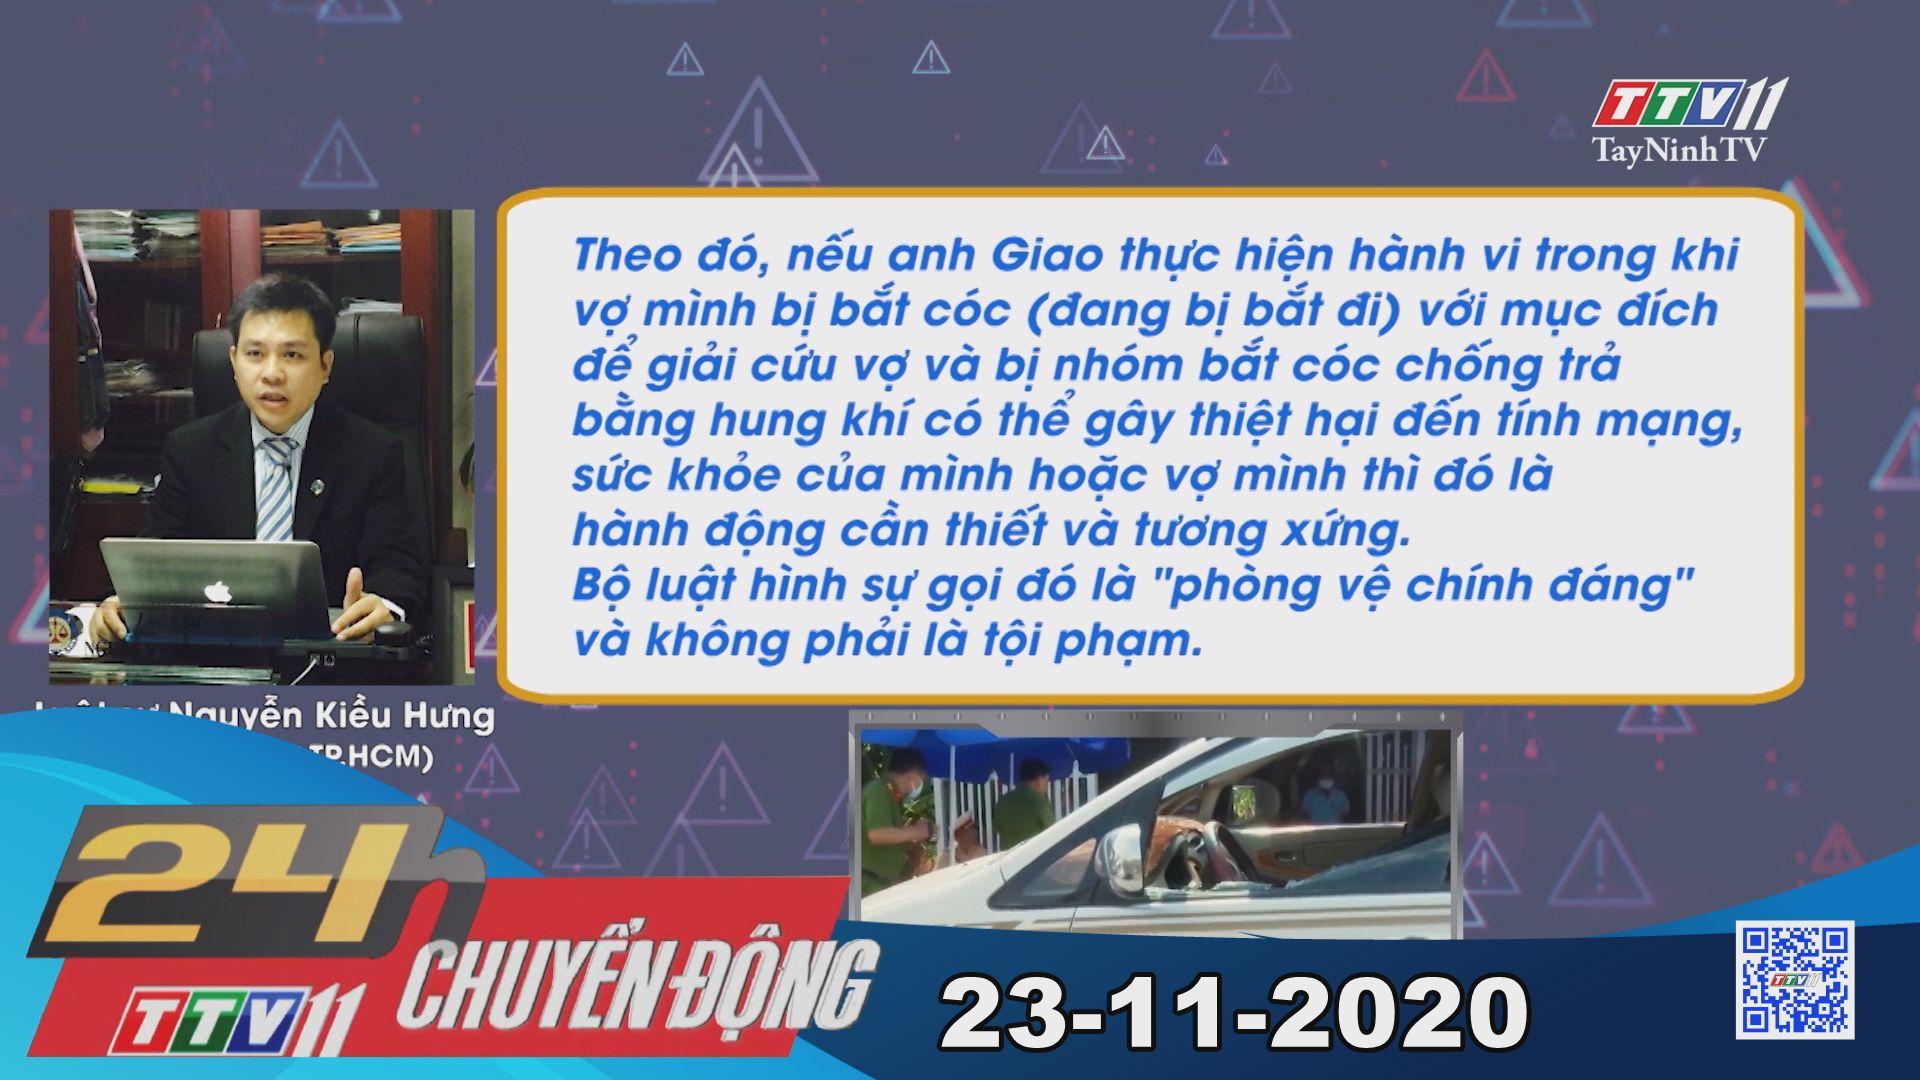 24h Chuyển động 23-11-2020 | Tin tức hôm nay | TayNinhTV